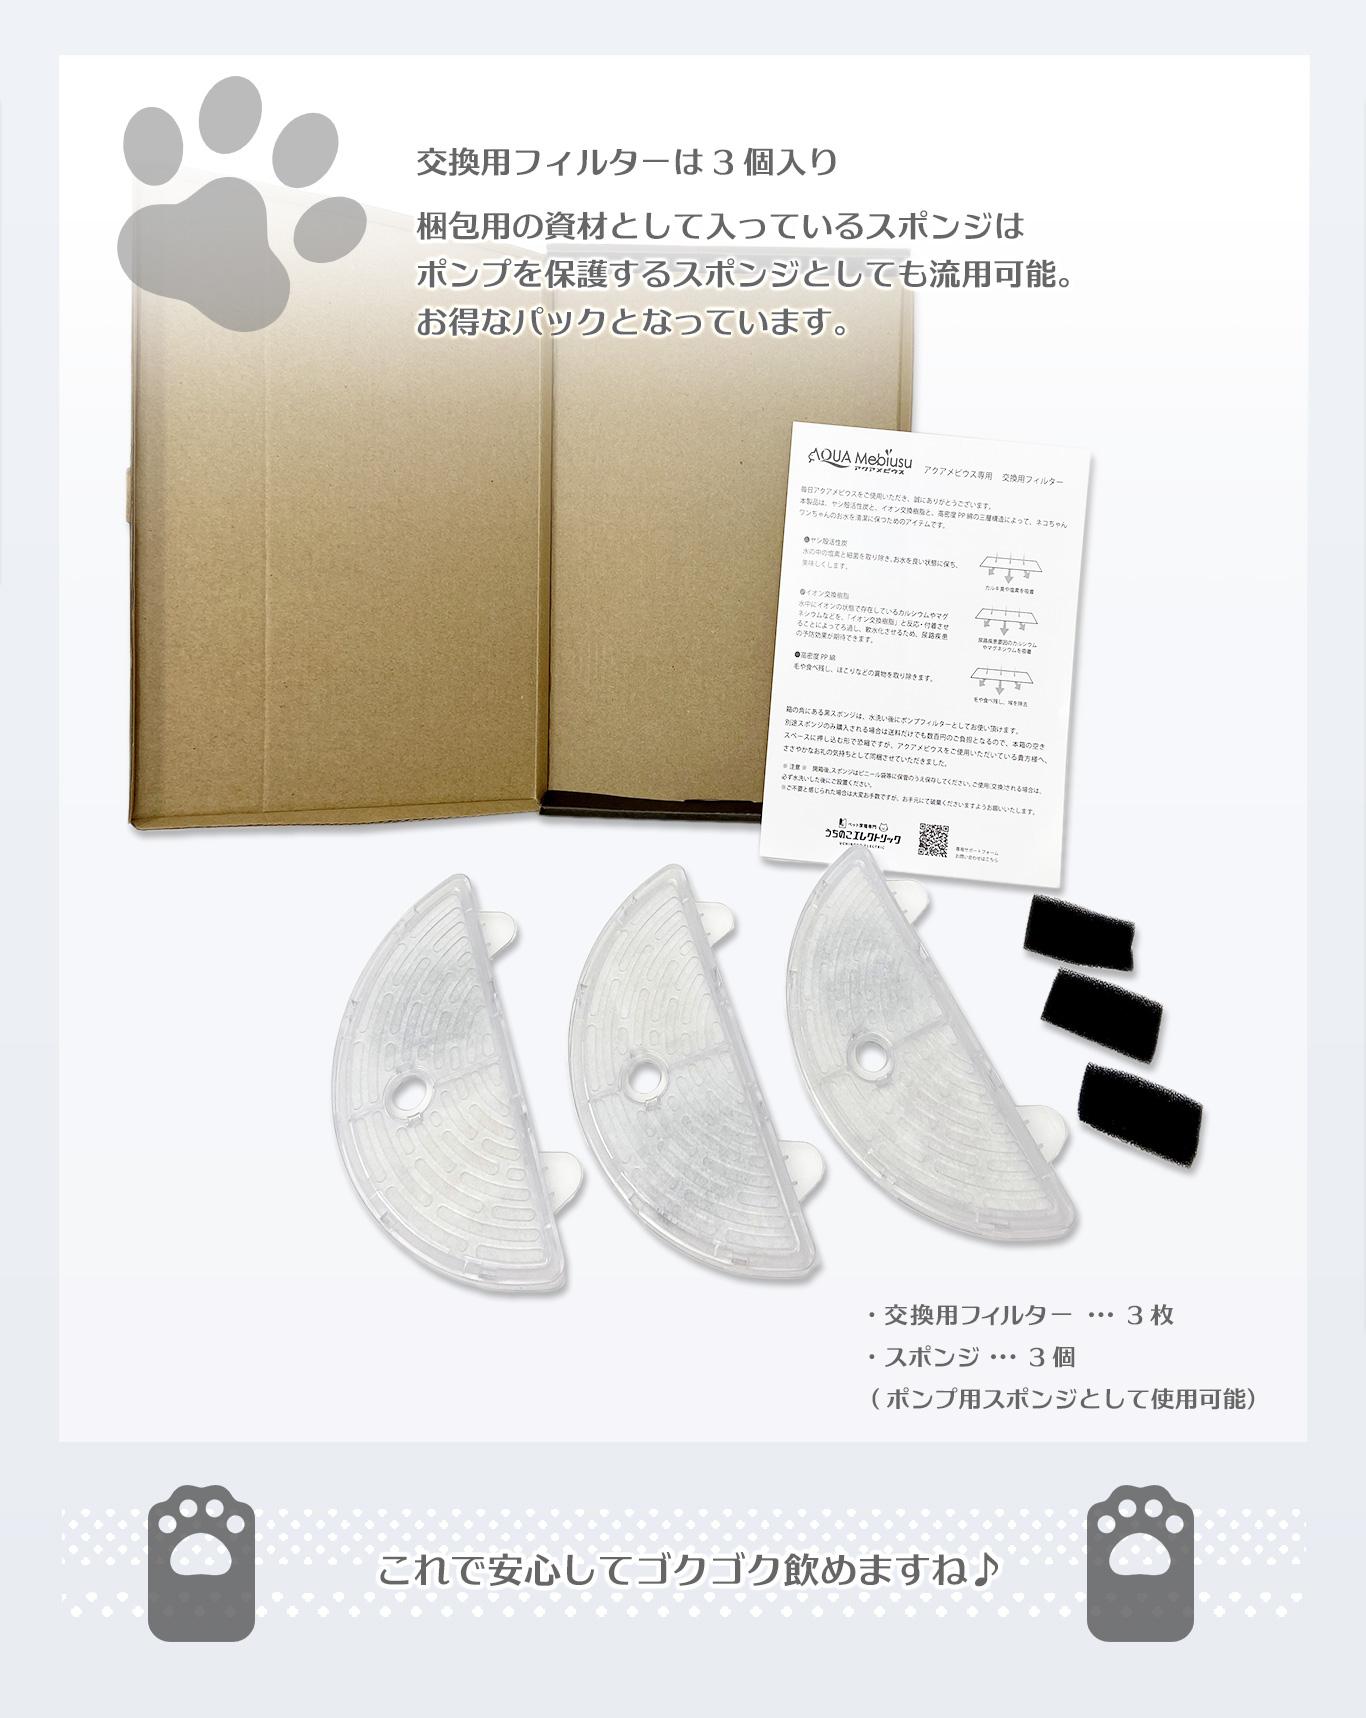 交換用フィルターは3個入り。 梱包用の資材として入っているスポンジはポンプを保護するスポンジとしても流用可能。お得なパックとなっています。  ・交換用フィルター…3枚 ・スポンジ…3個(ポンプ用スポンジとして使用可能)  これで安心してゴクゴク飲めますね♪